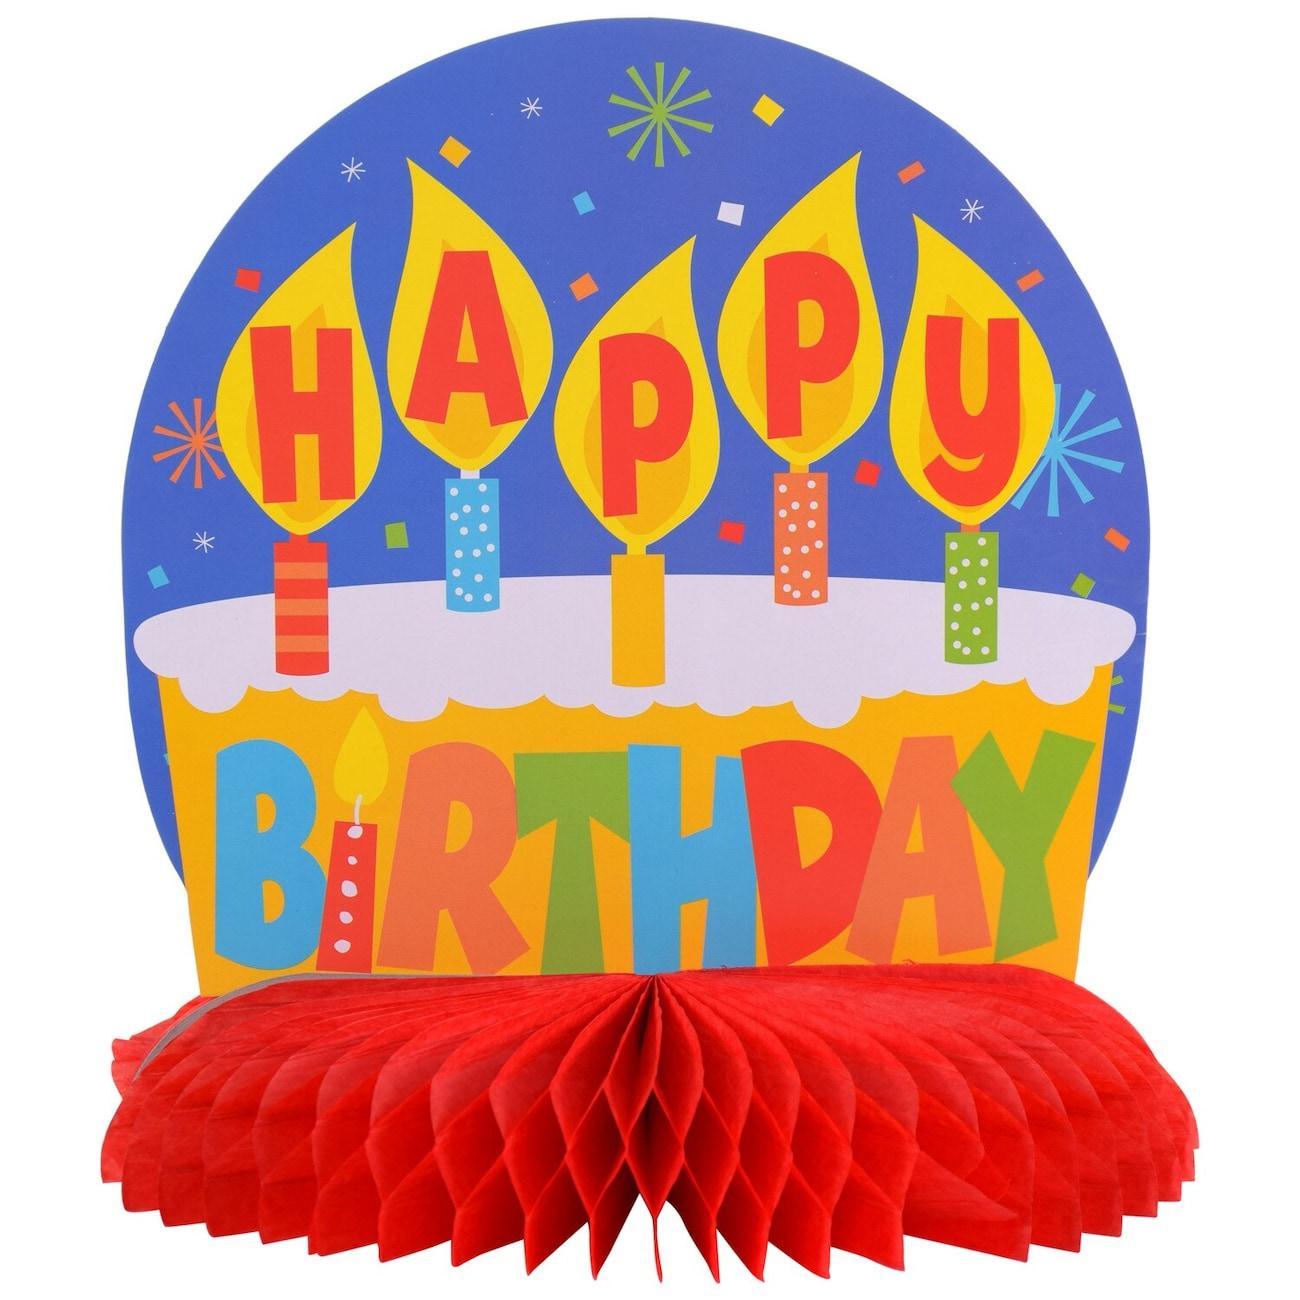 Bright Happy Birthday Tissue Centerpieces 10 In